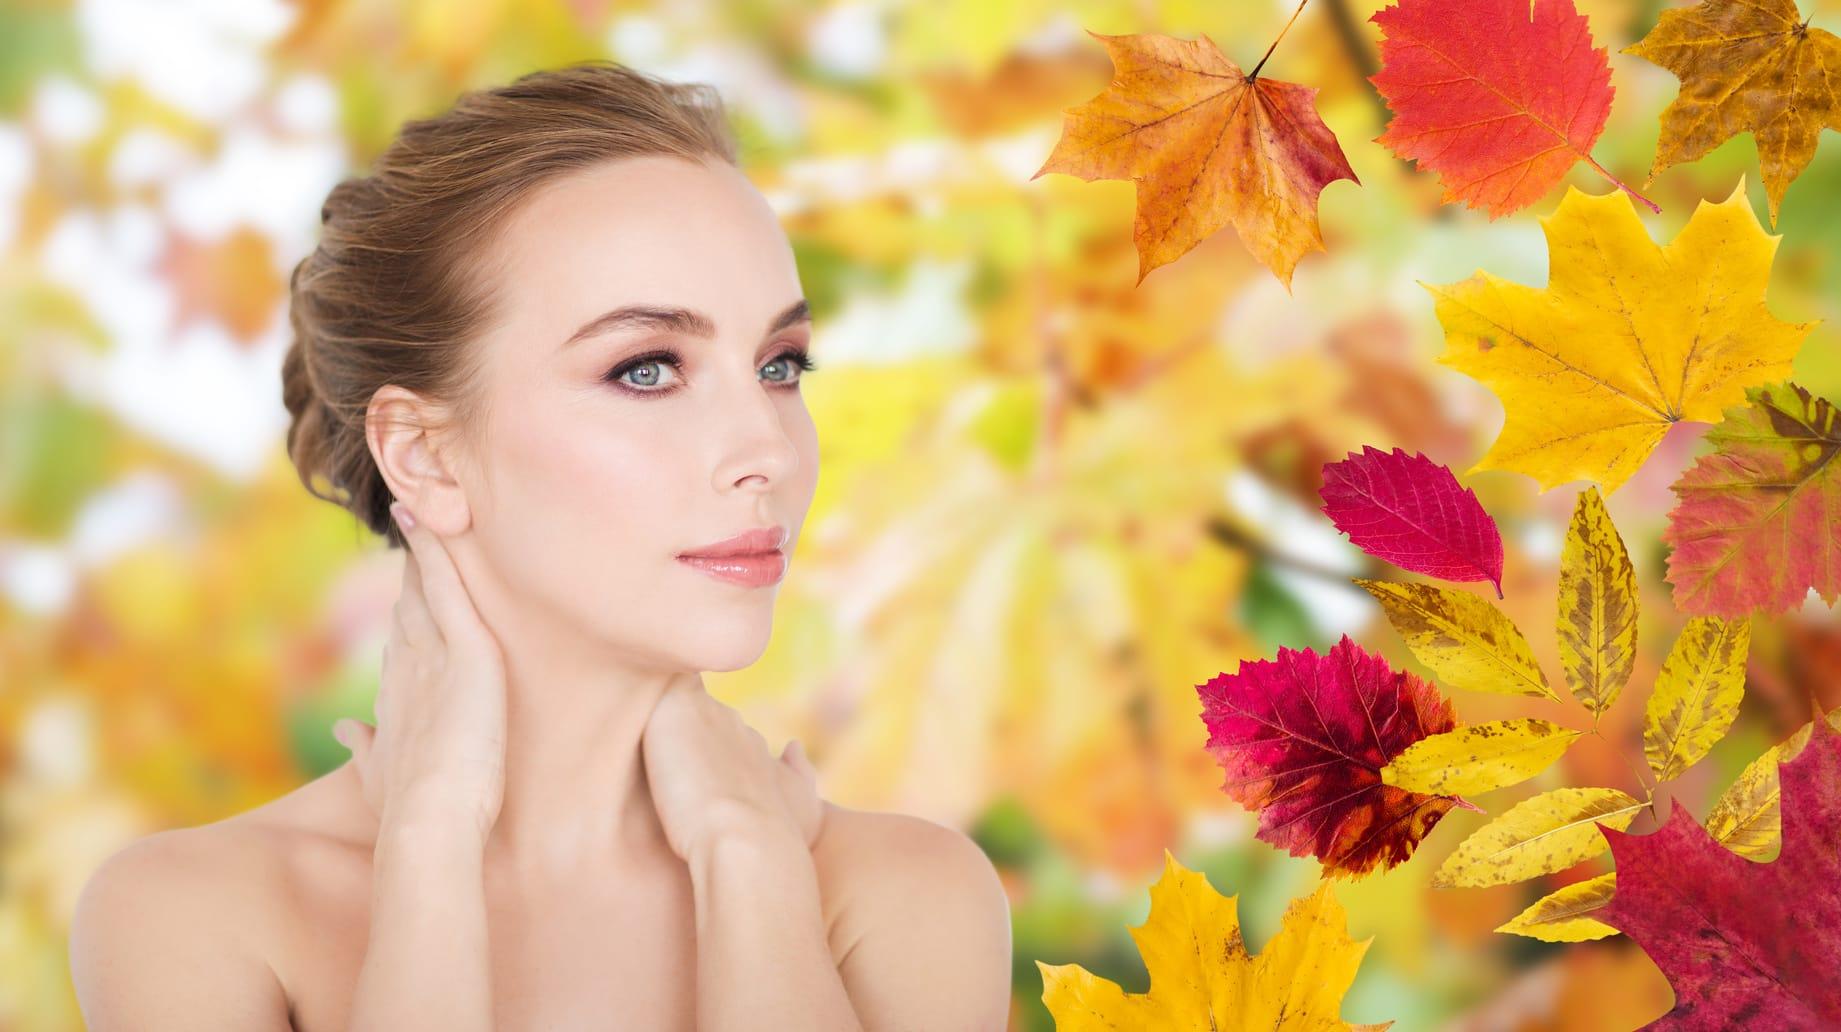 Ist die Hautatmung lebenswichtig?